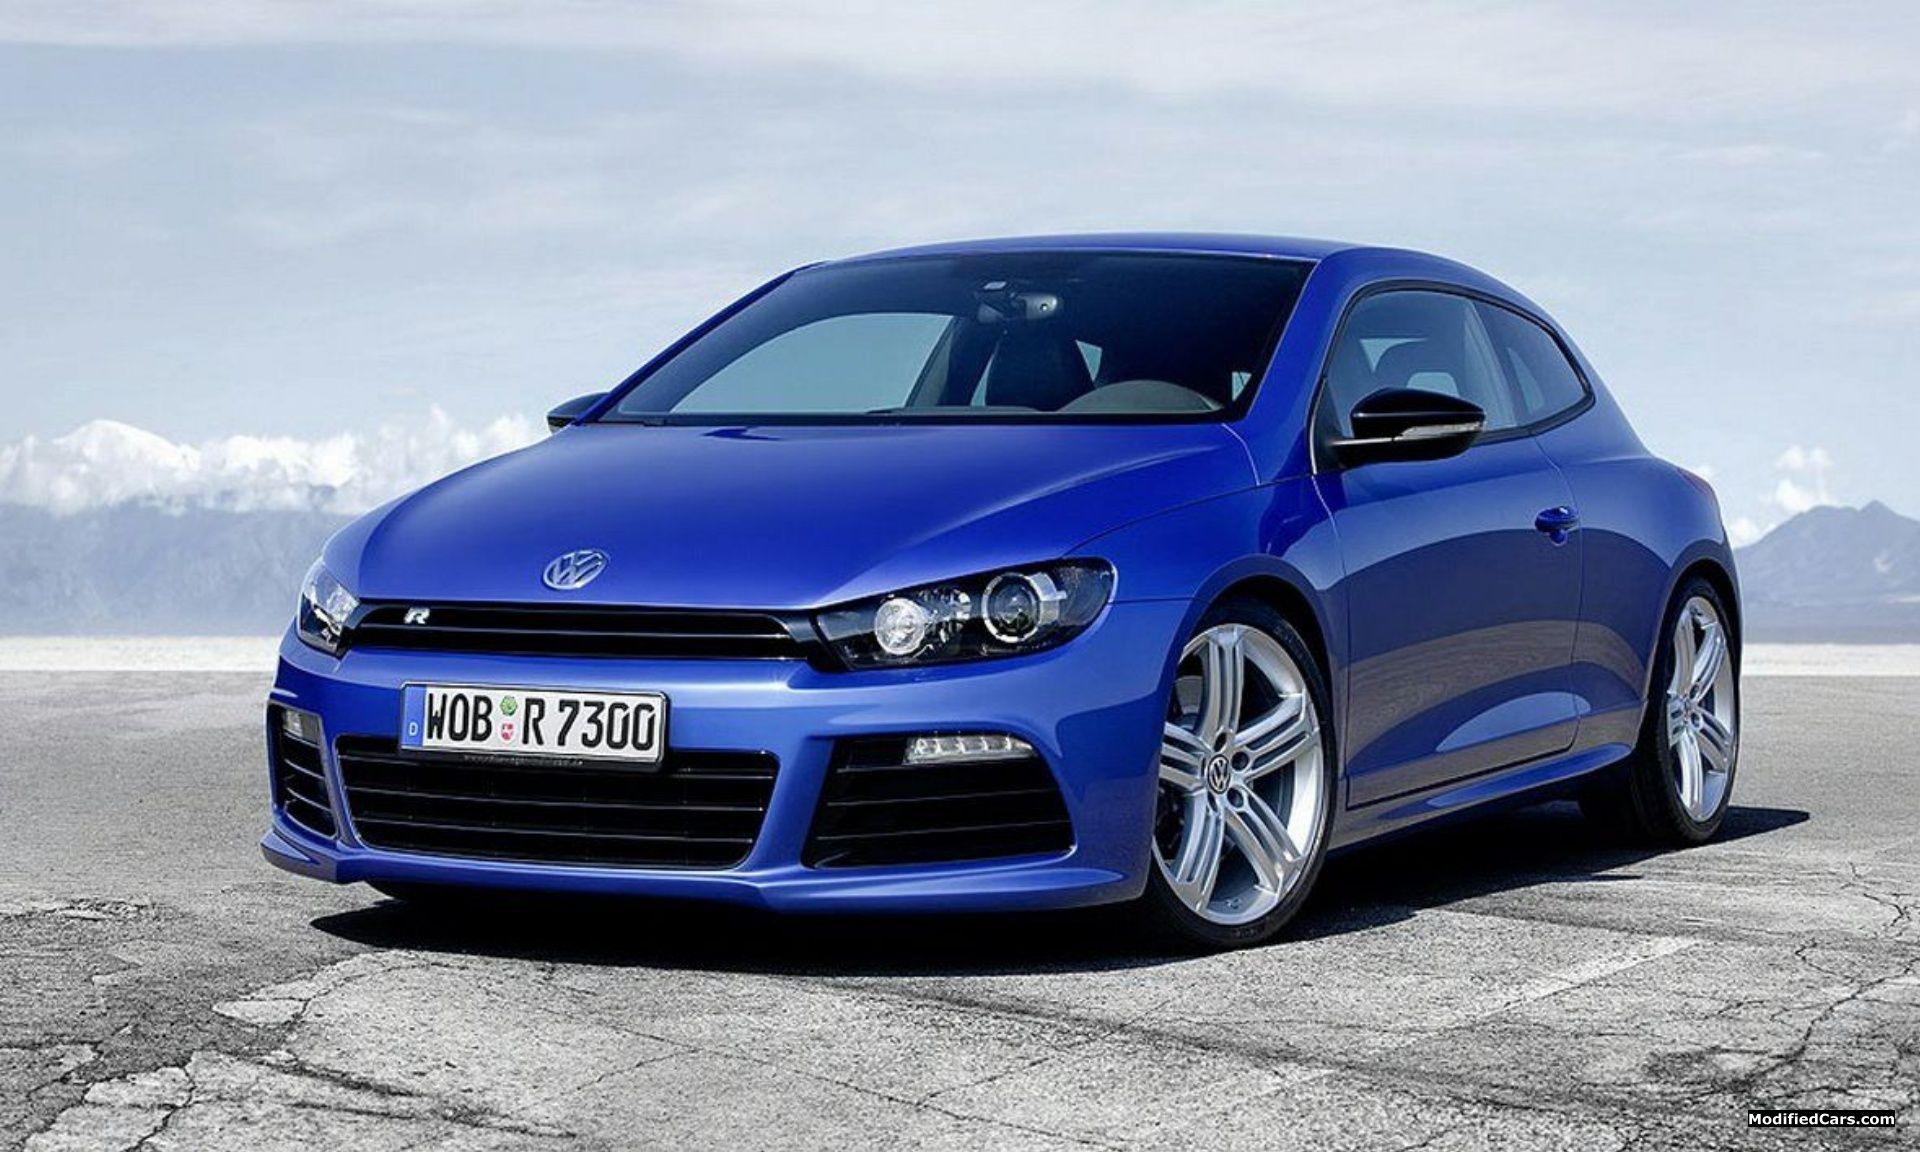 Resultats De Recherche D Images Pour Camo Wrap Vw Scirocco Volkswagen Scirocco Volkswagen